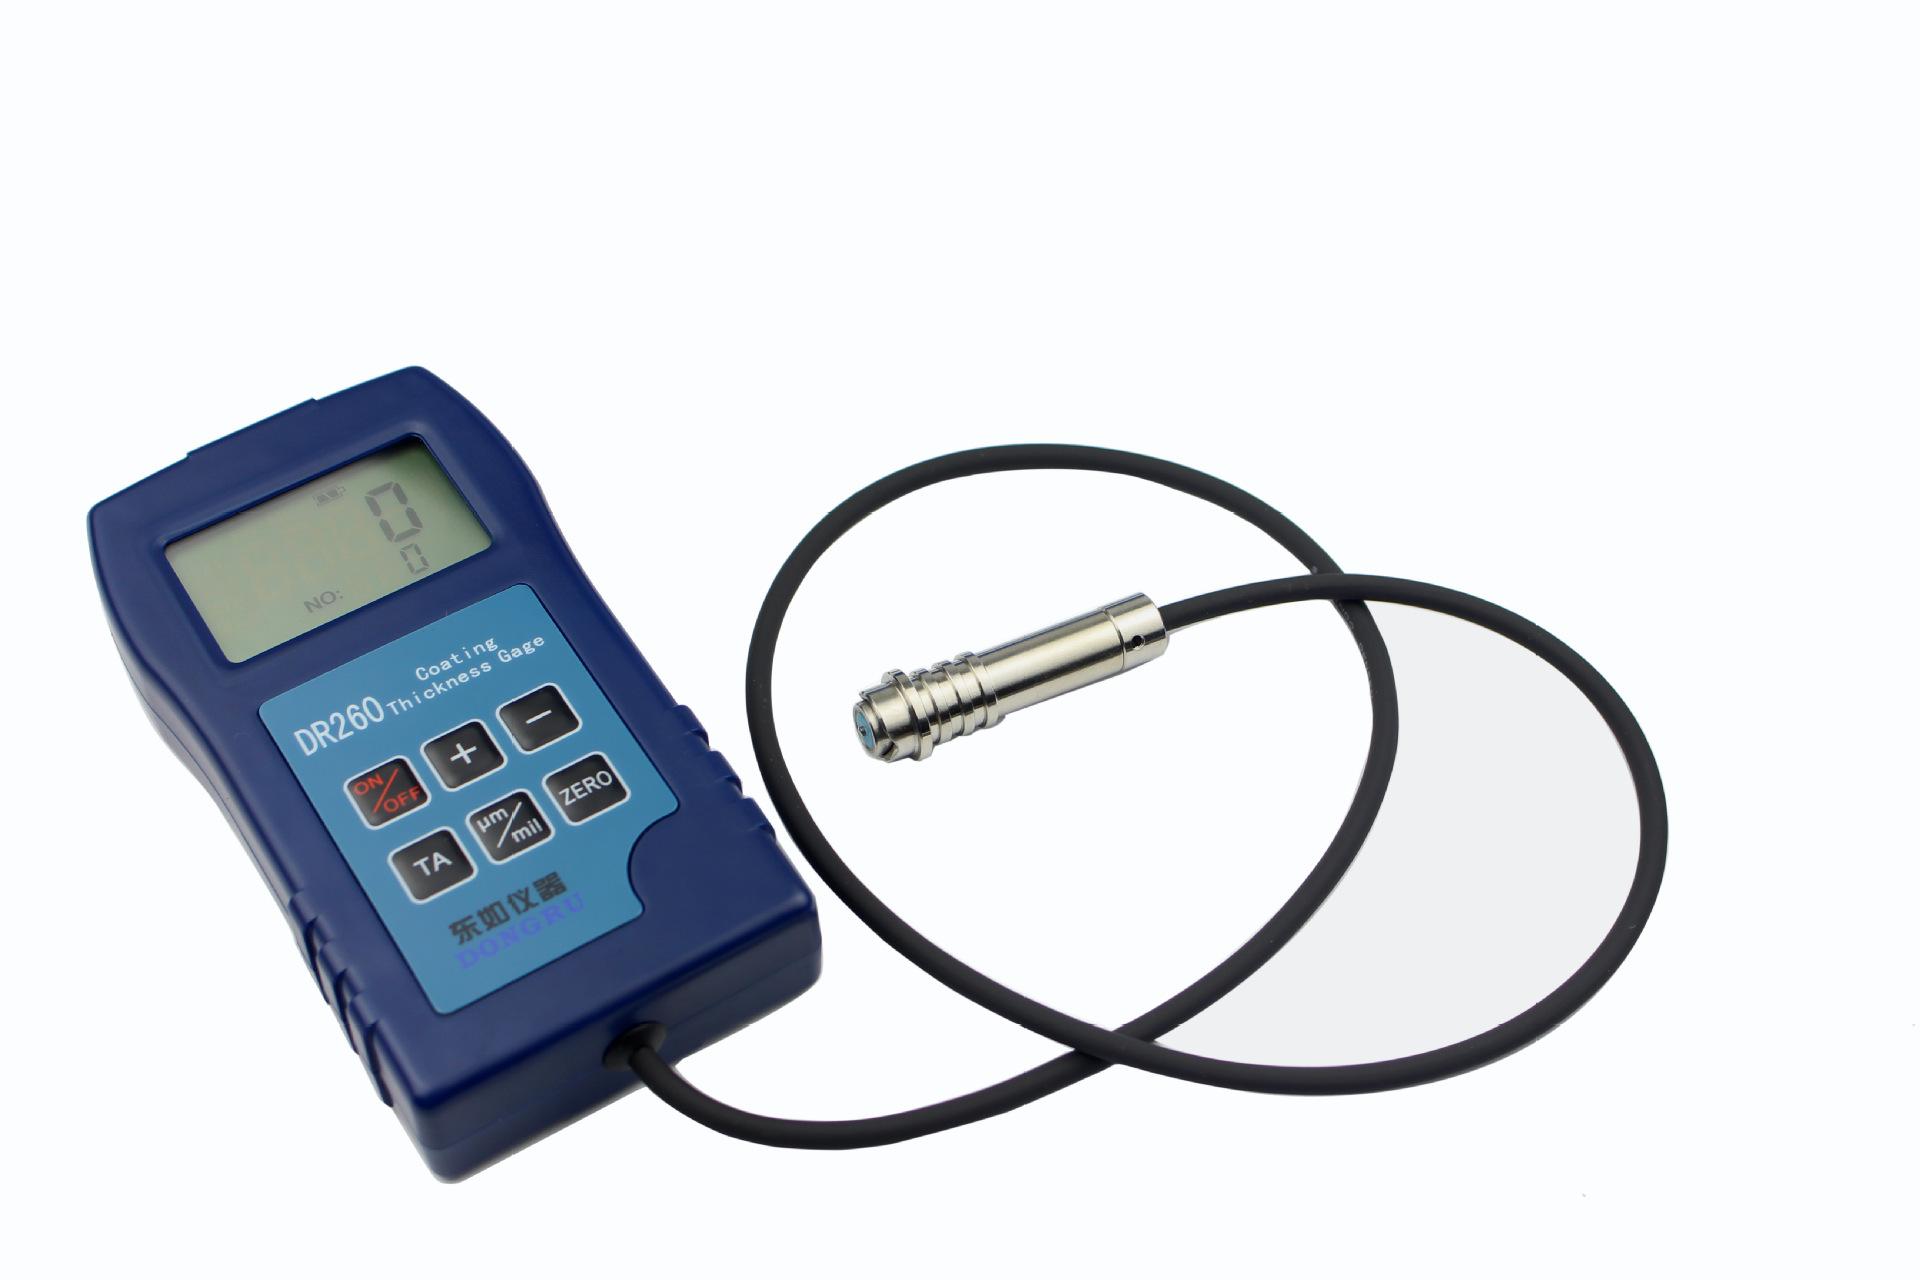 Thép dầm sơn phim kiểm tra kết cấu thép sơn phim đo độ dày DR260 độ dày lớp phủ máy đo mạ kẽm chromi